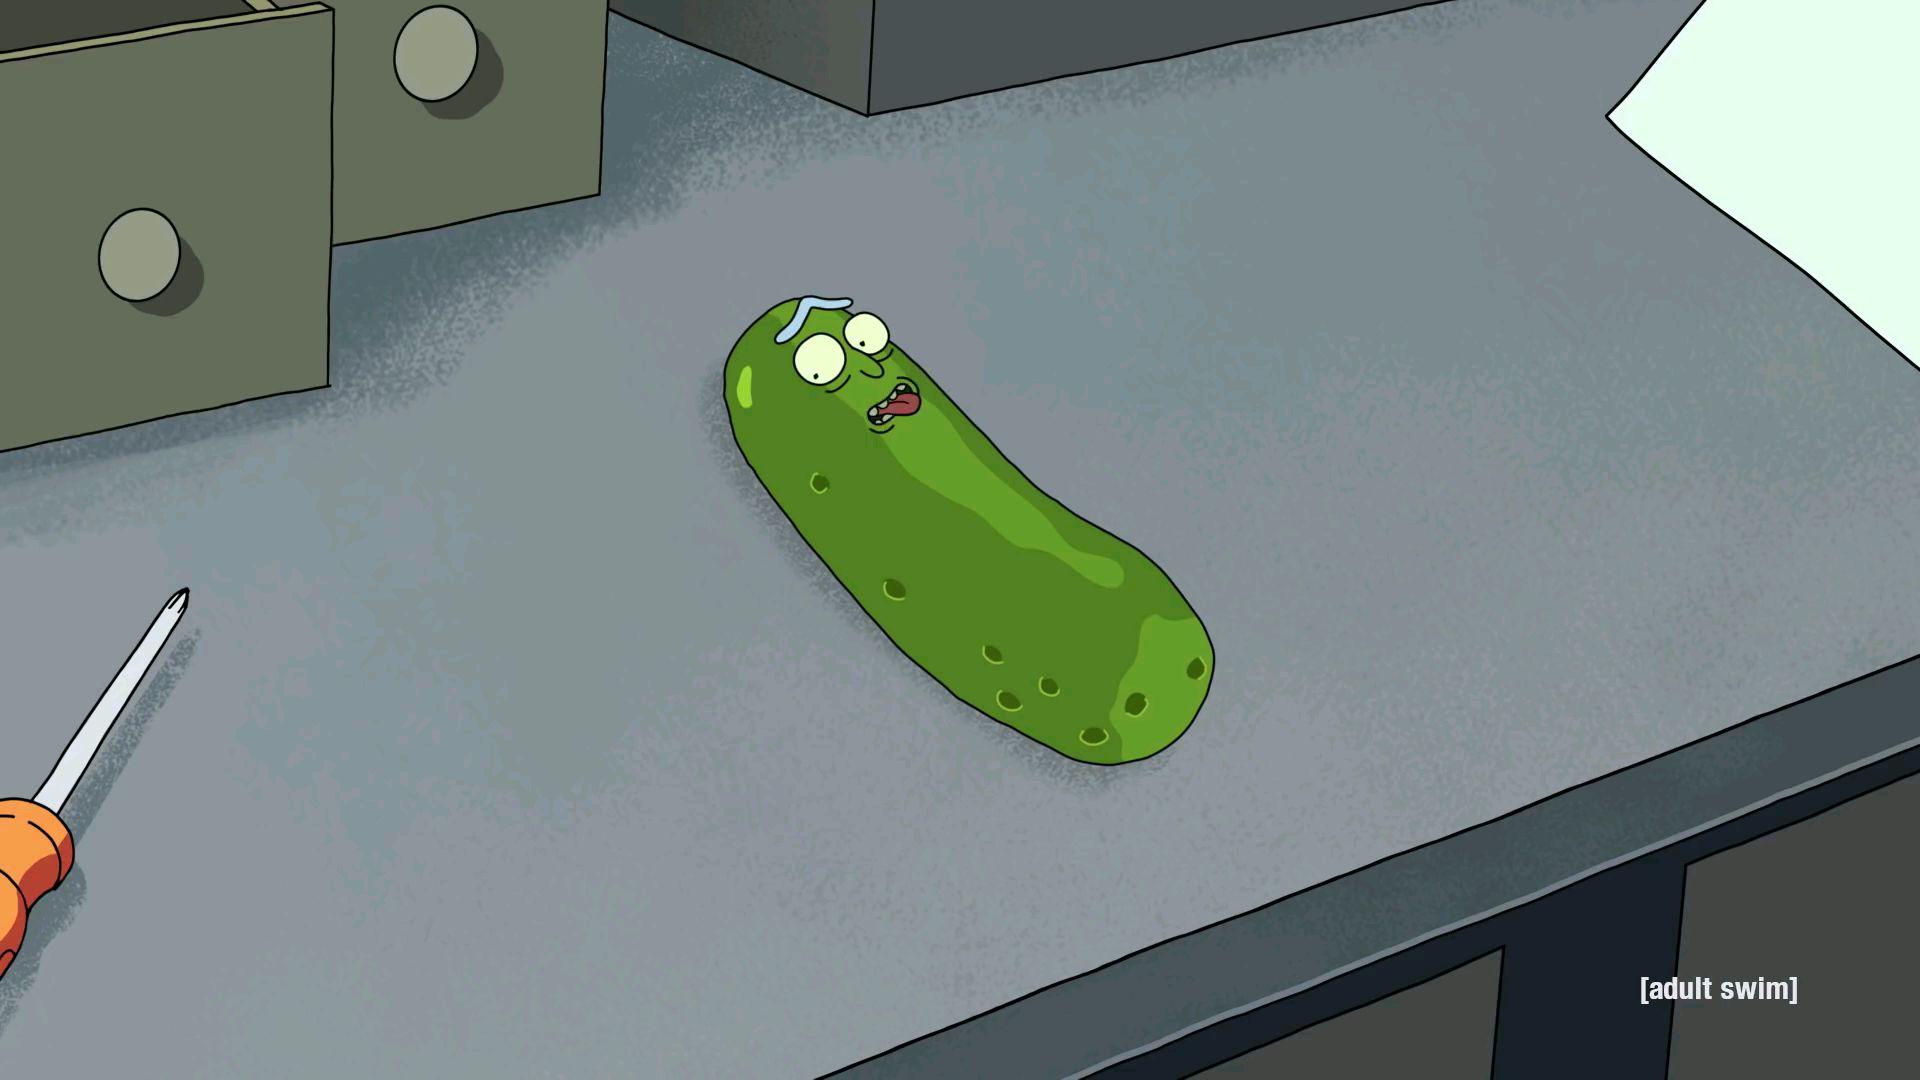 瑞克和莫蒂|姥爷配音不停笑场|Pickle Rick|哈哈哈哈哈哈哈哈